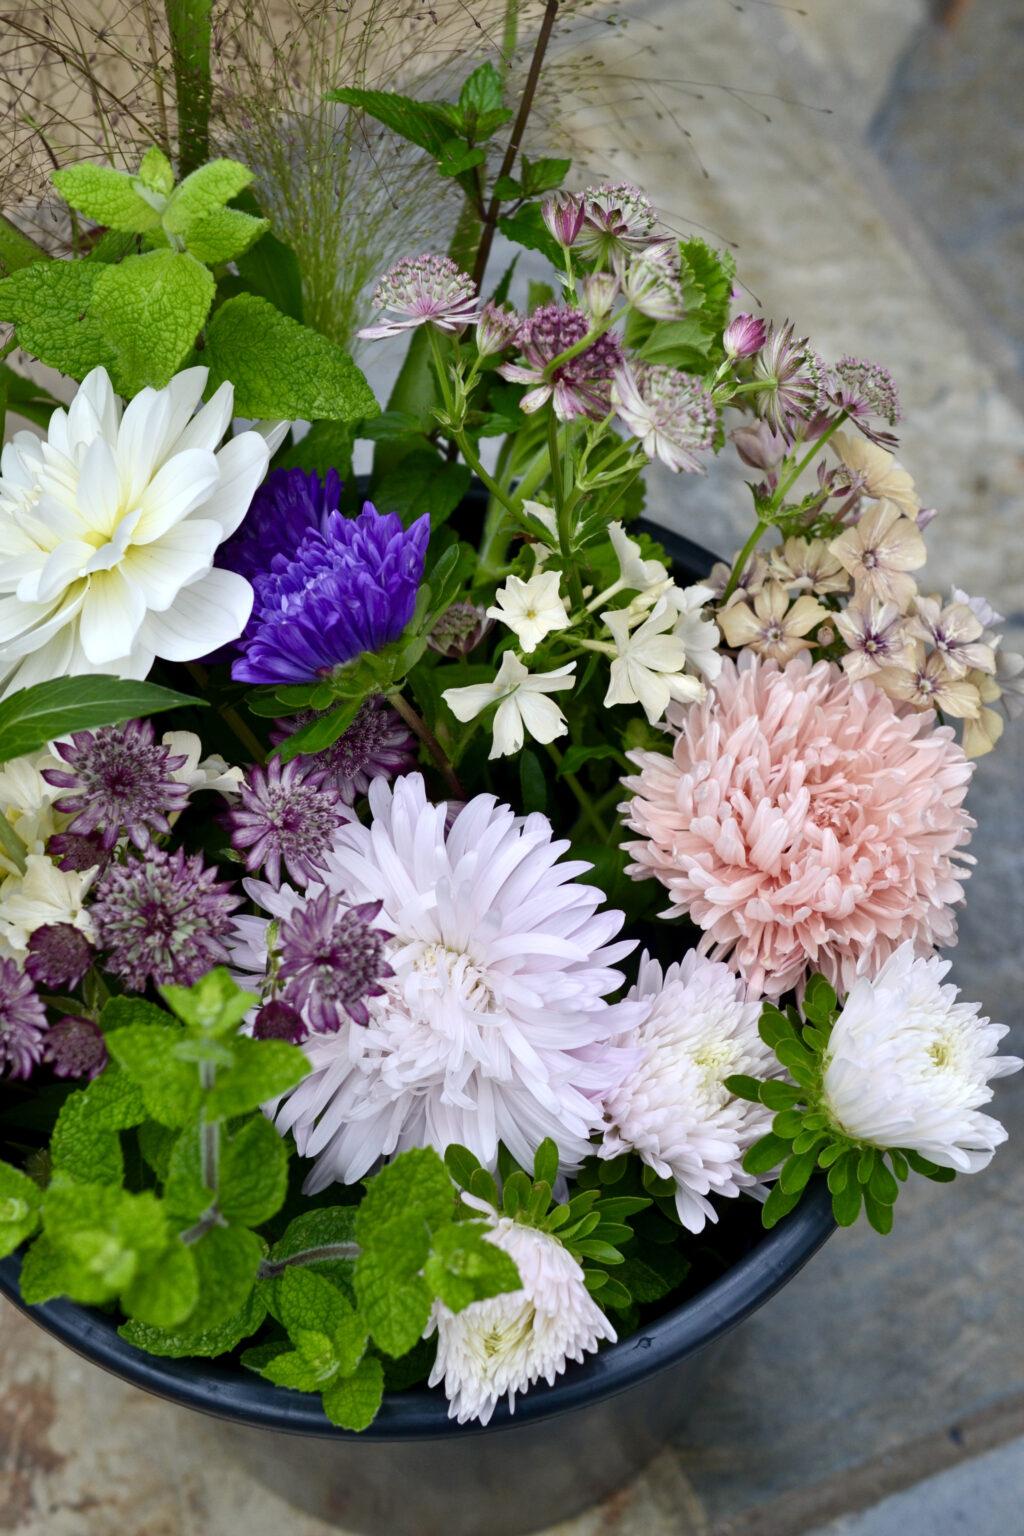 A bucket of cut flowers in August